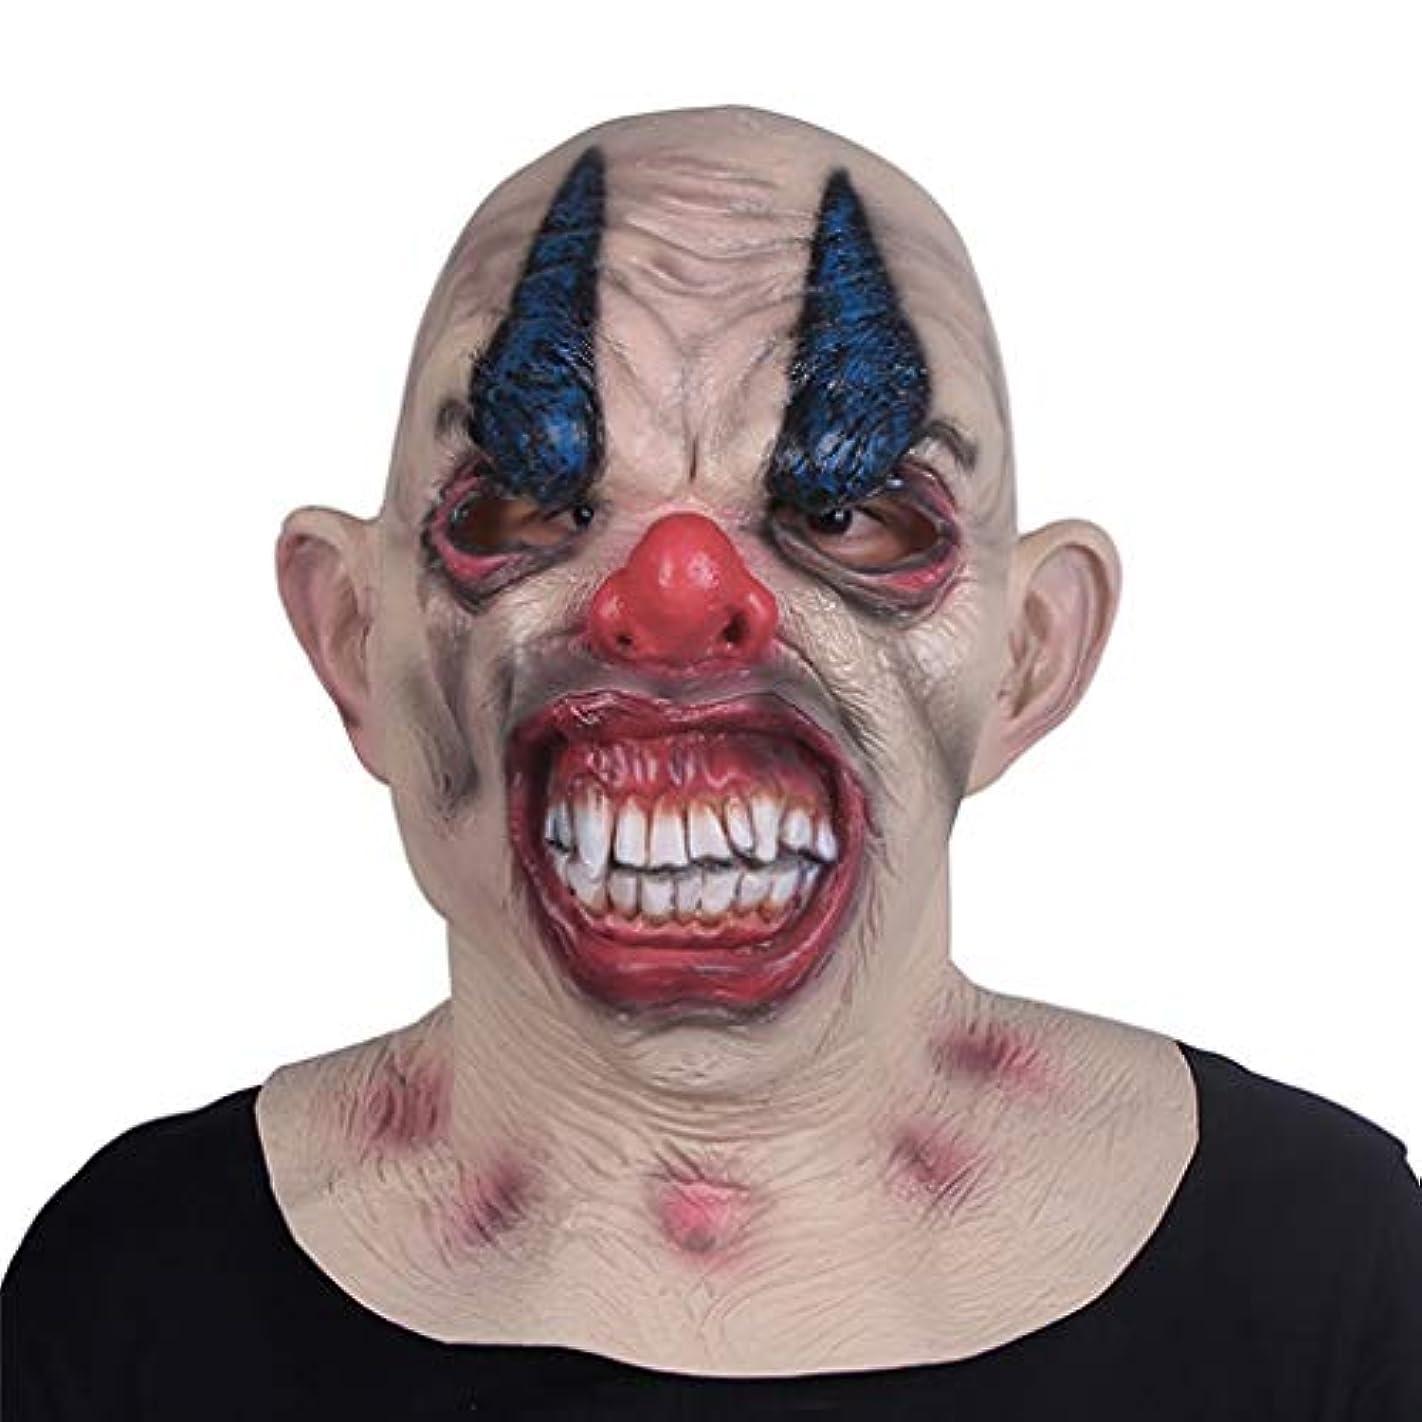 限りなくスプレー適応的ハロウィンホラーマスク成人男性フルフェイス怖いラテックスヘッドセットハロウィン東京グールマスクゴーストフェイスデビル (Color : B)